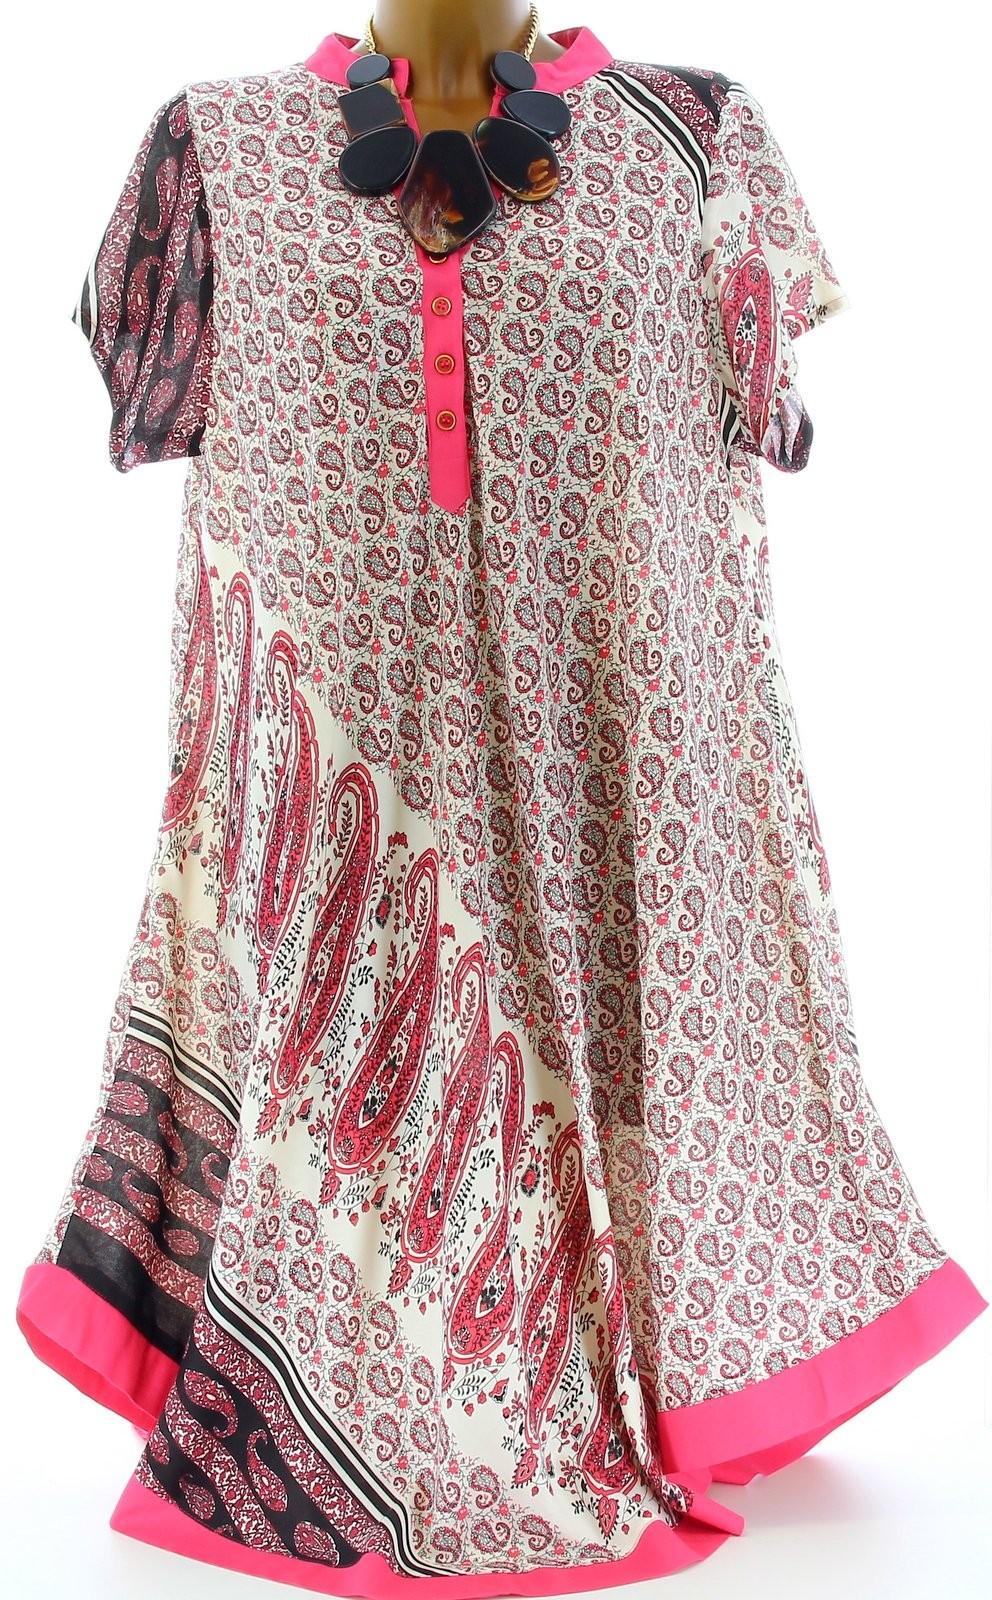 robe ample boh me ethnique grande taille t rose coralie rose ebay. Black Bedroom Furniture Sets. Home Design Ideas